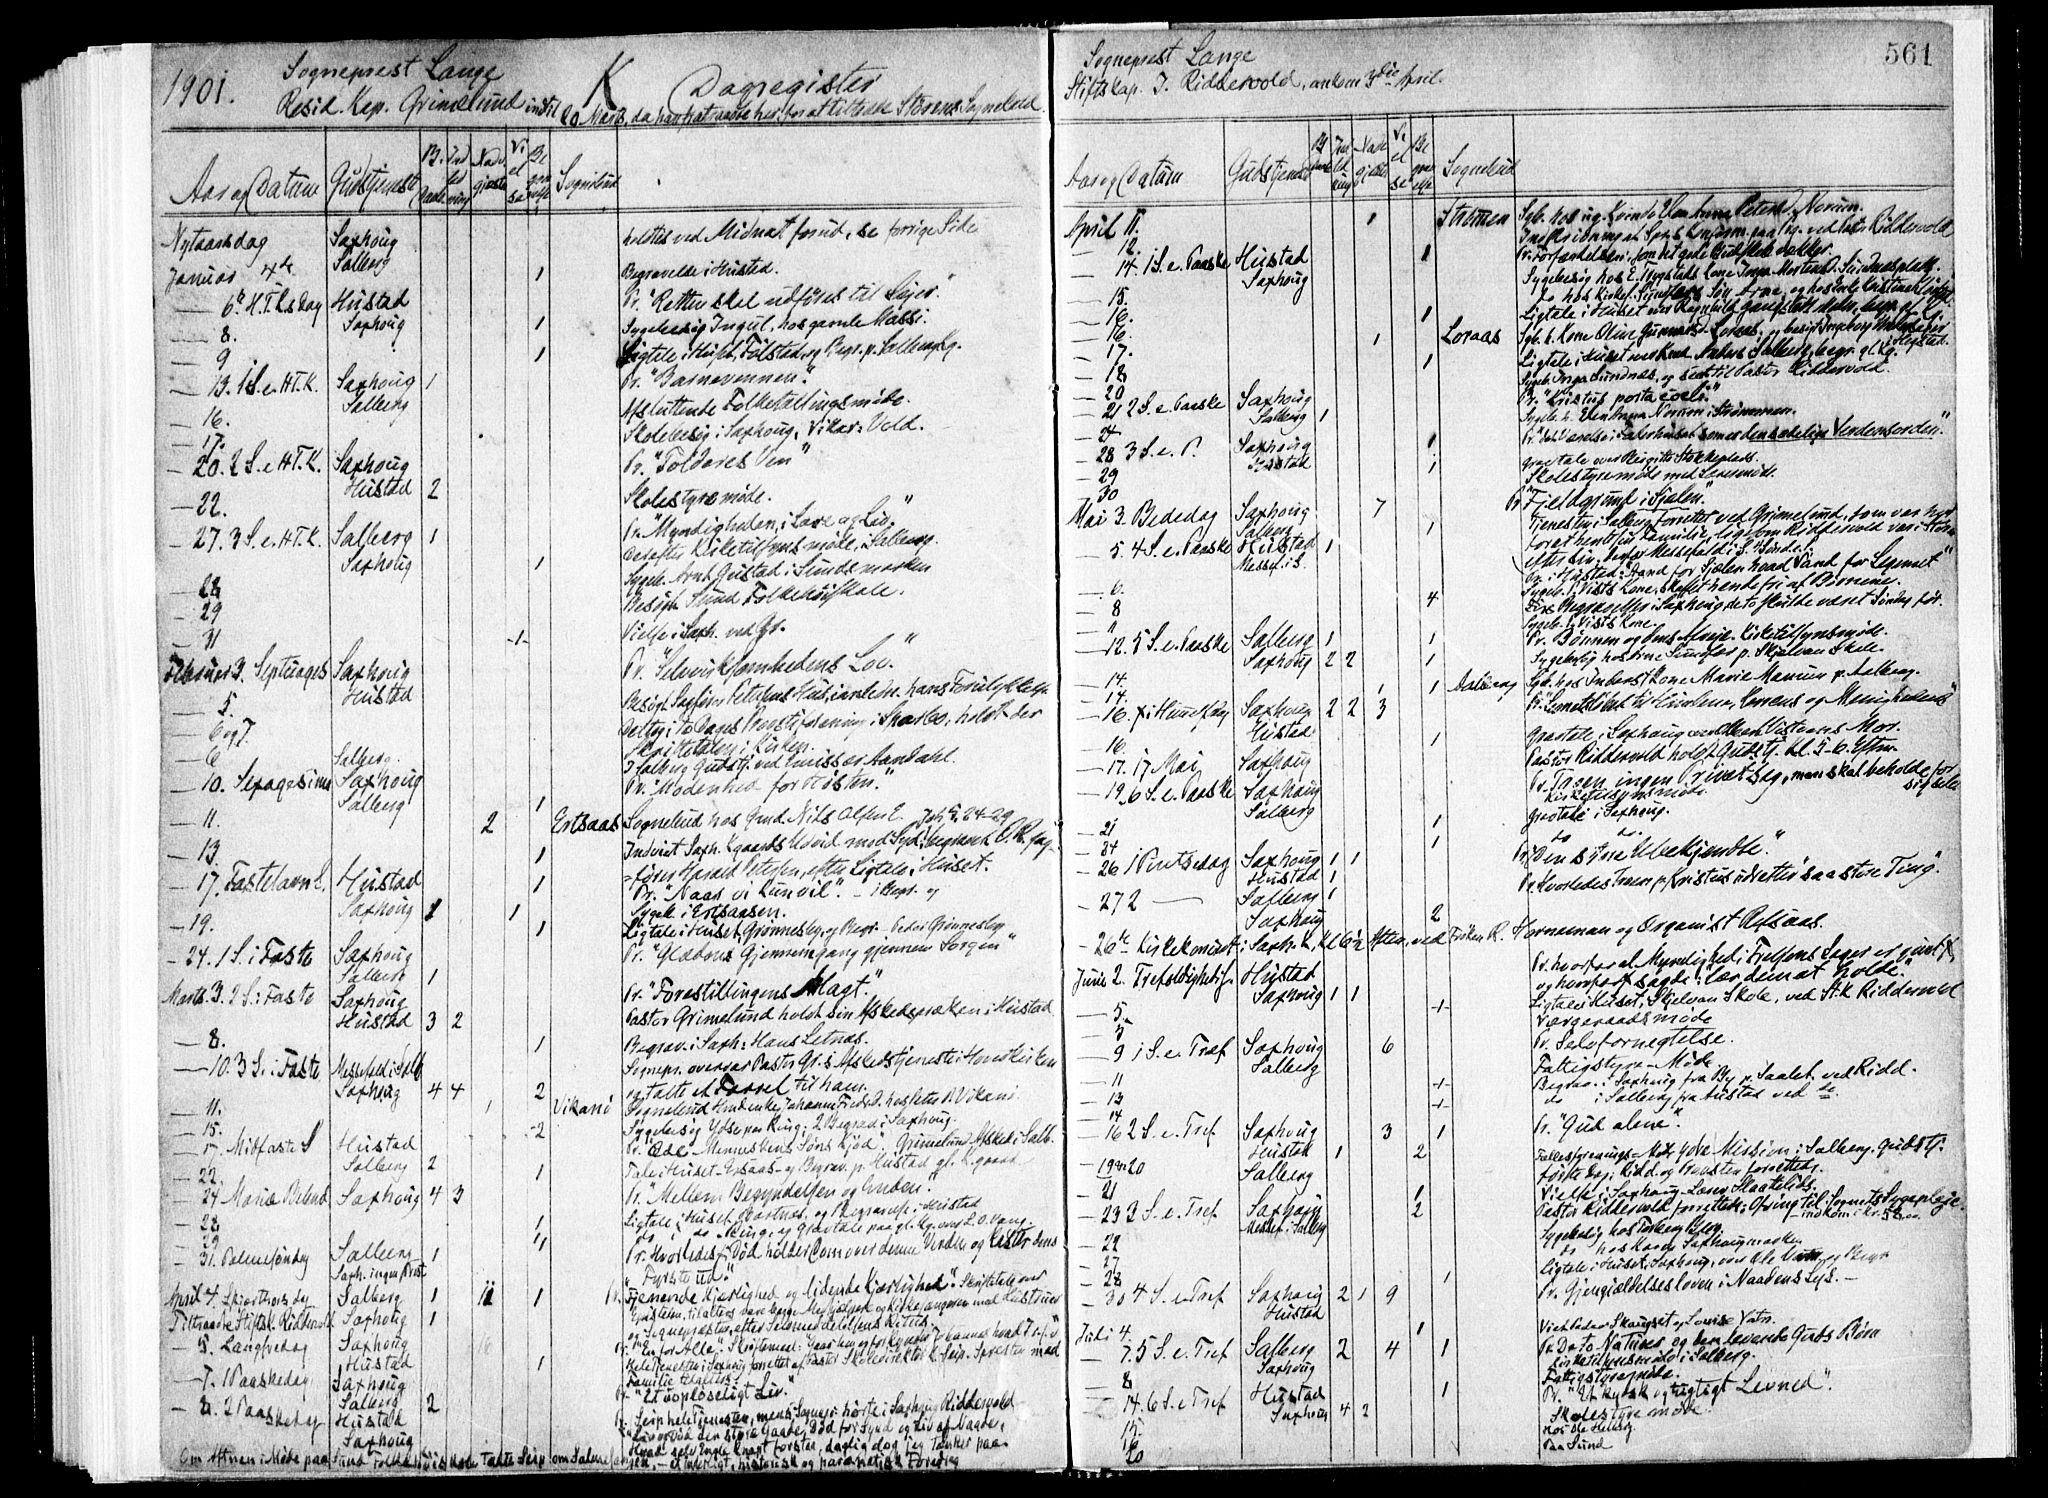 SAT, Ministerialprotokoller, klokkerbøker og fødselsregistre - Nord-Trøndelag, 730/L0285: Ministerialbok nr. 730A10, 1879-1914, s. 561